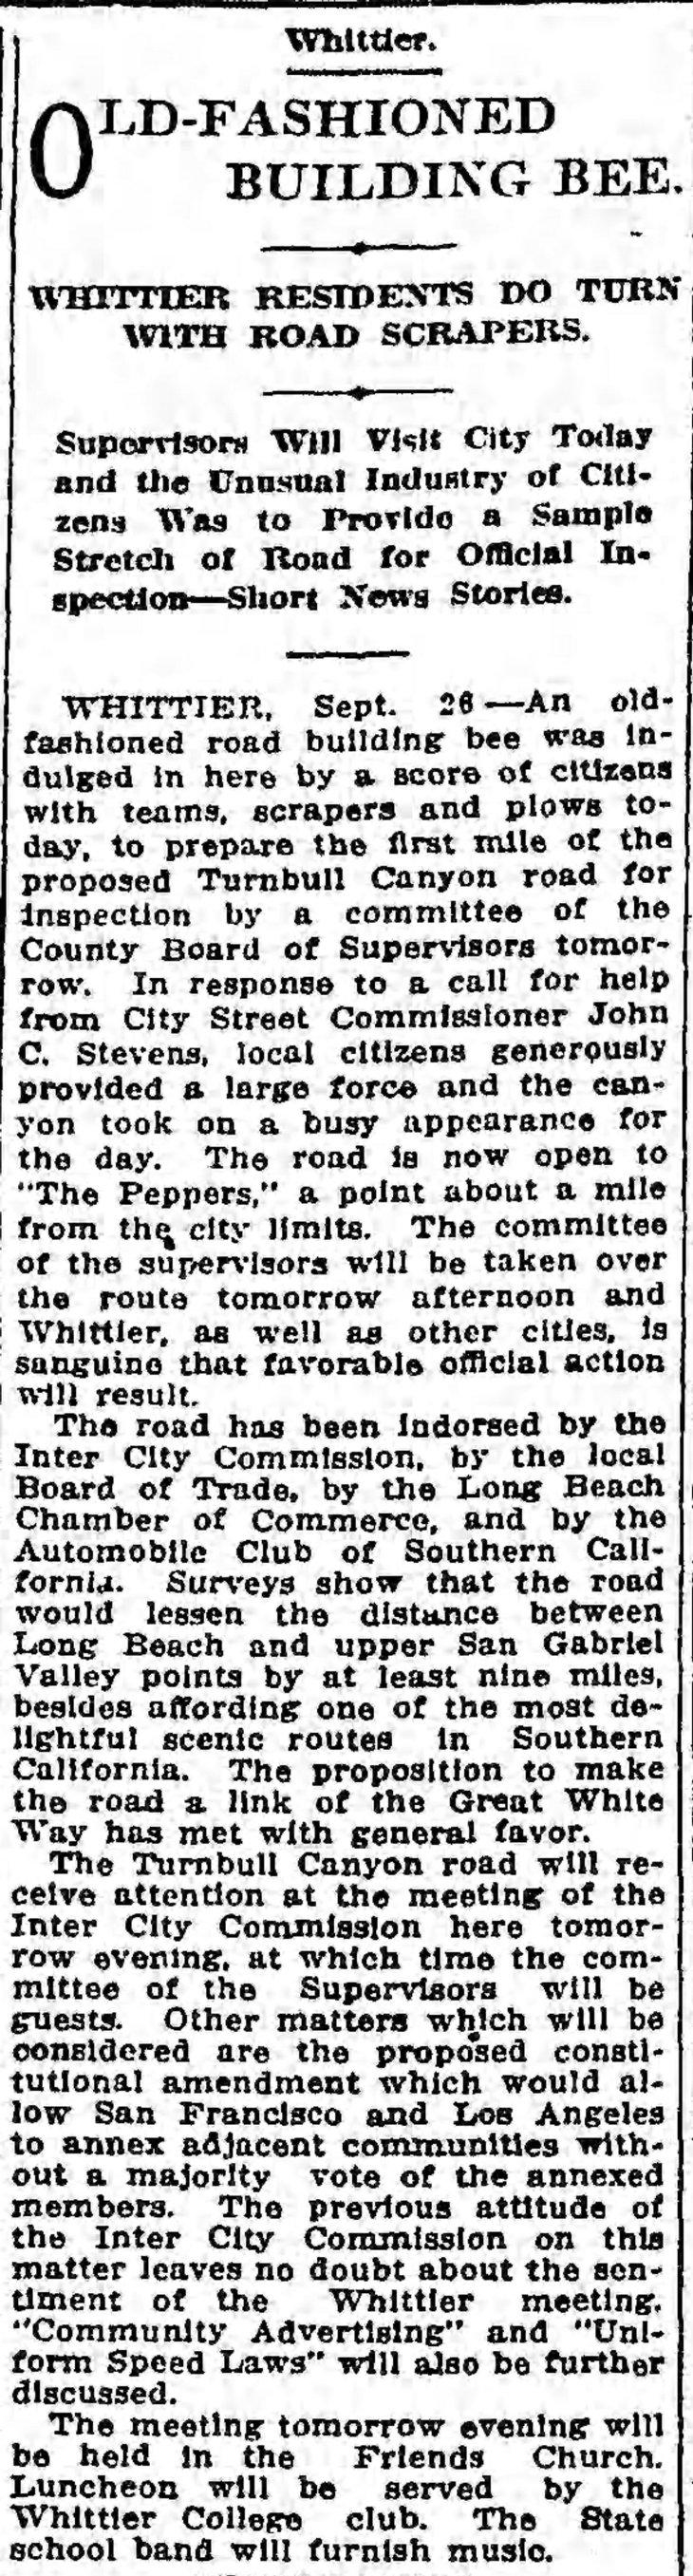 the_los_angeles_times_fri__sep_27__1912_